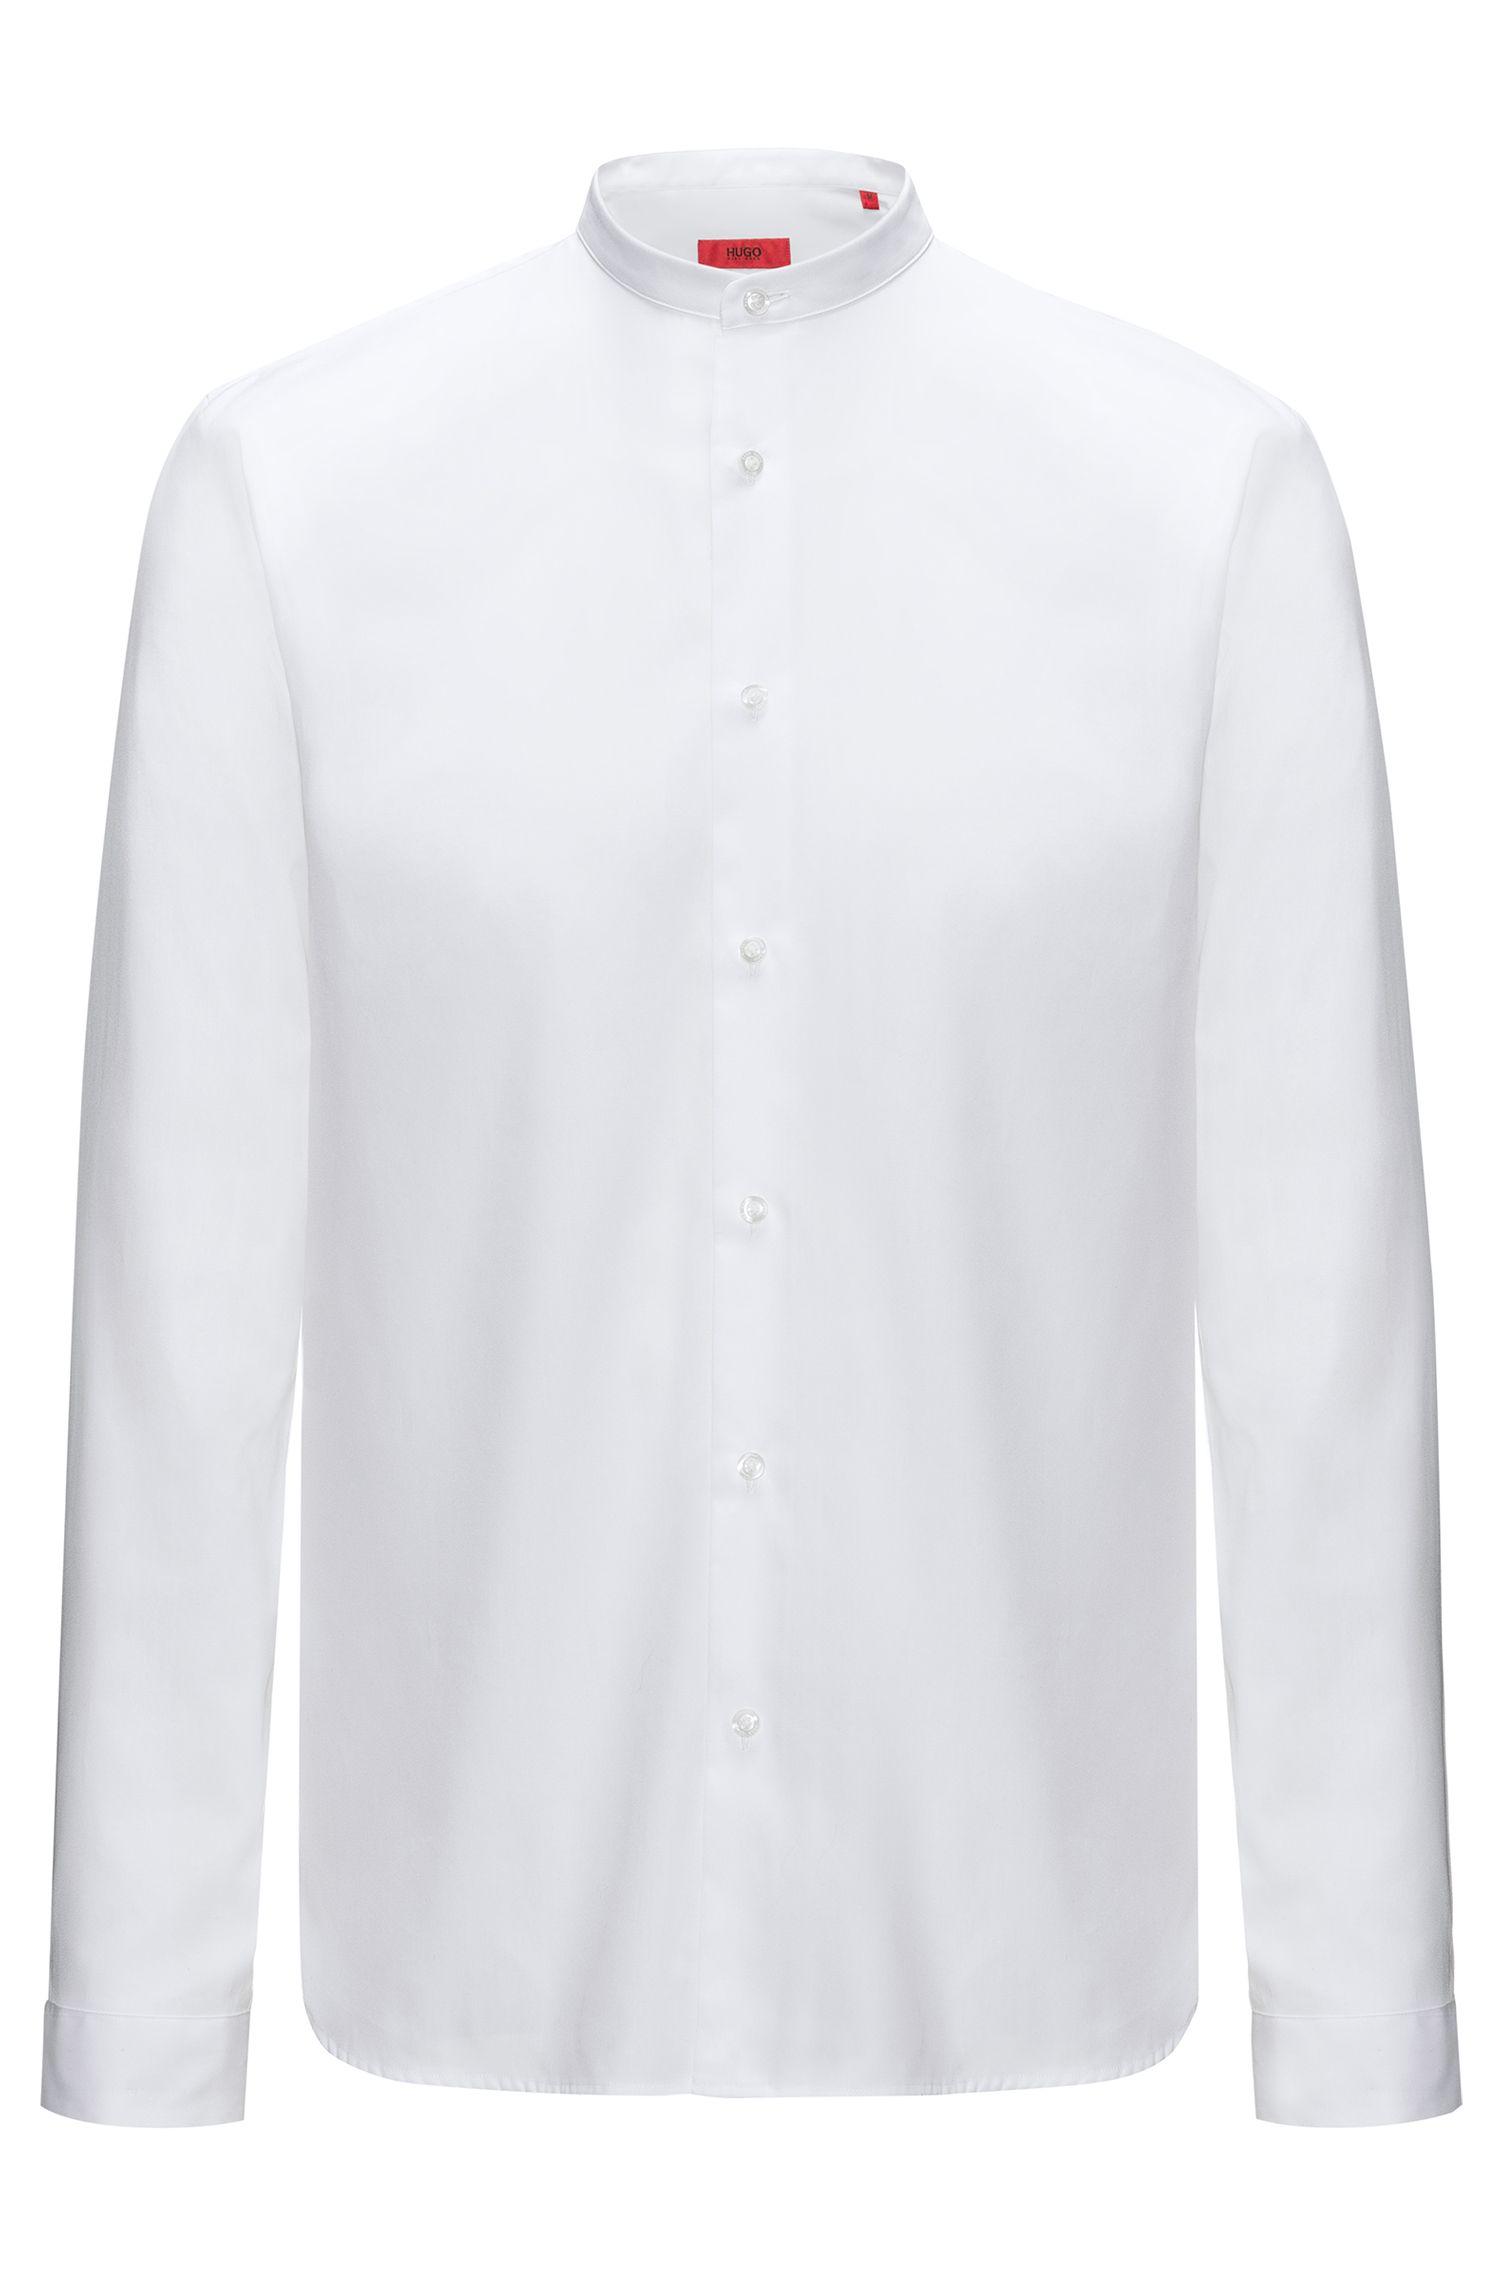 Camicia in cotone relaxed-fit con colletto rialzato